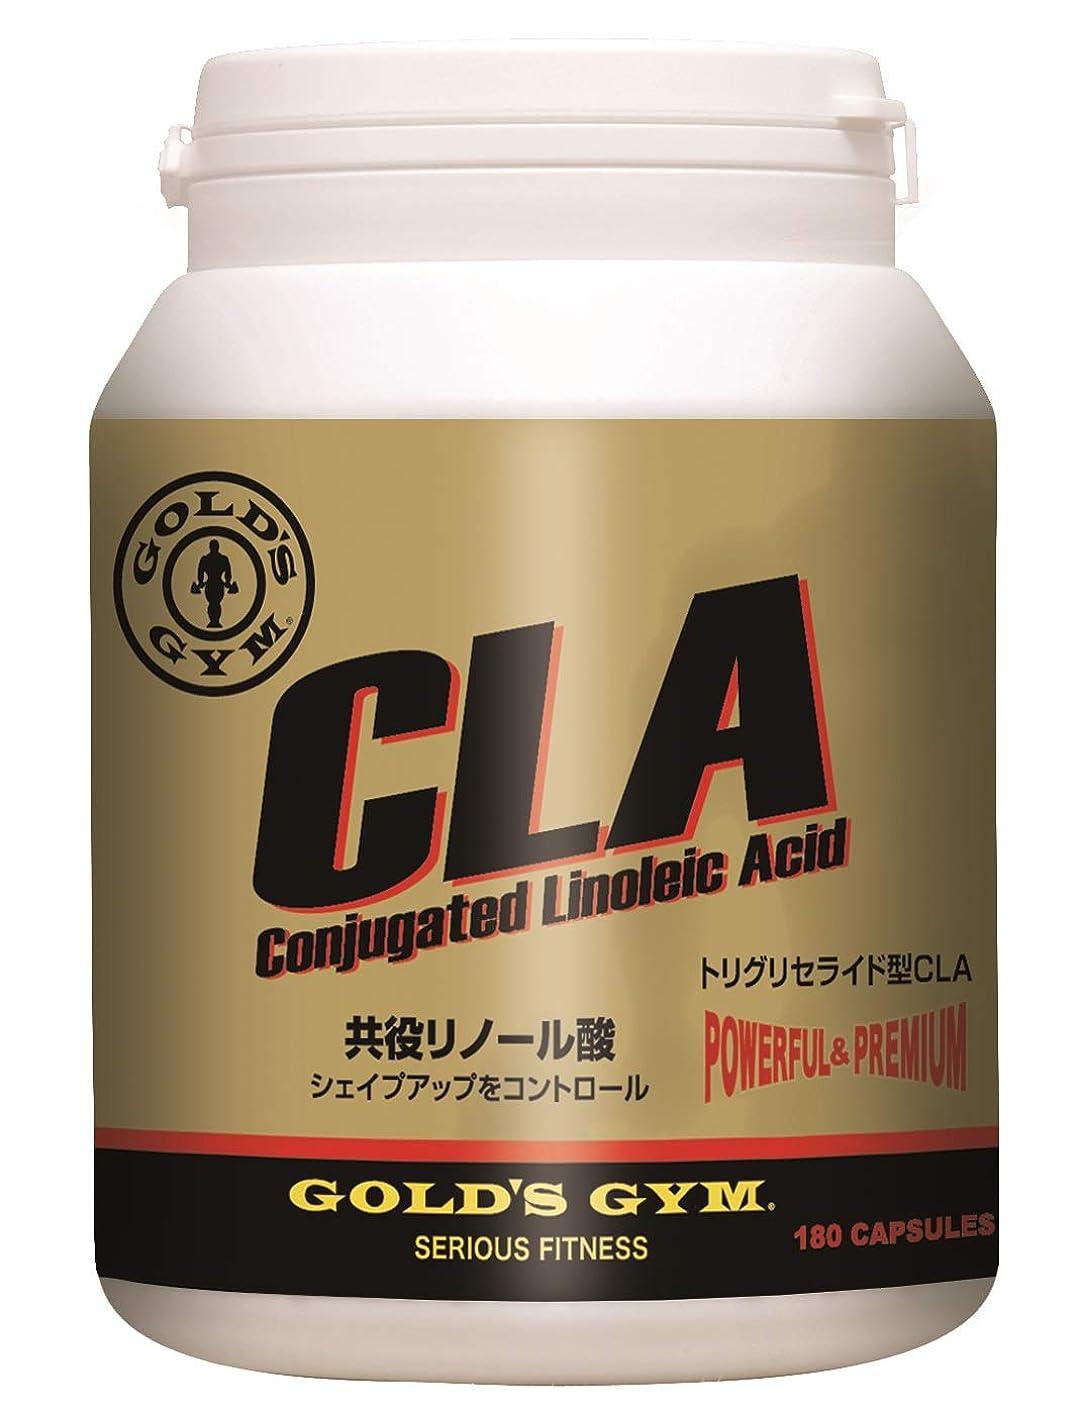 投獄悲惨なピグマリオンゴールドジム(GOLD'S GYM) CLA共役リノール酸 360粒